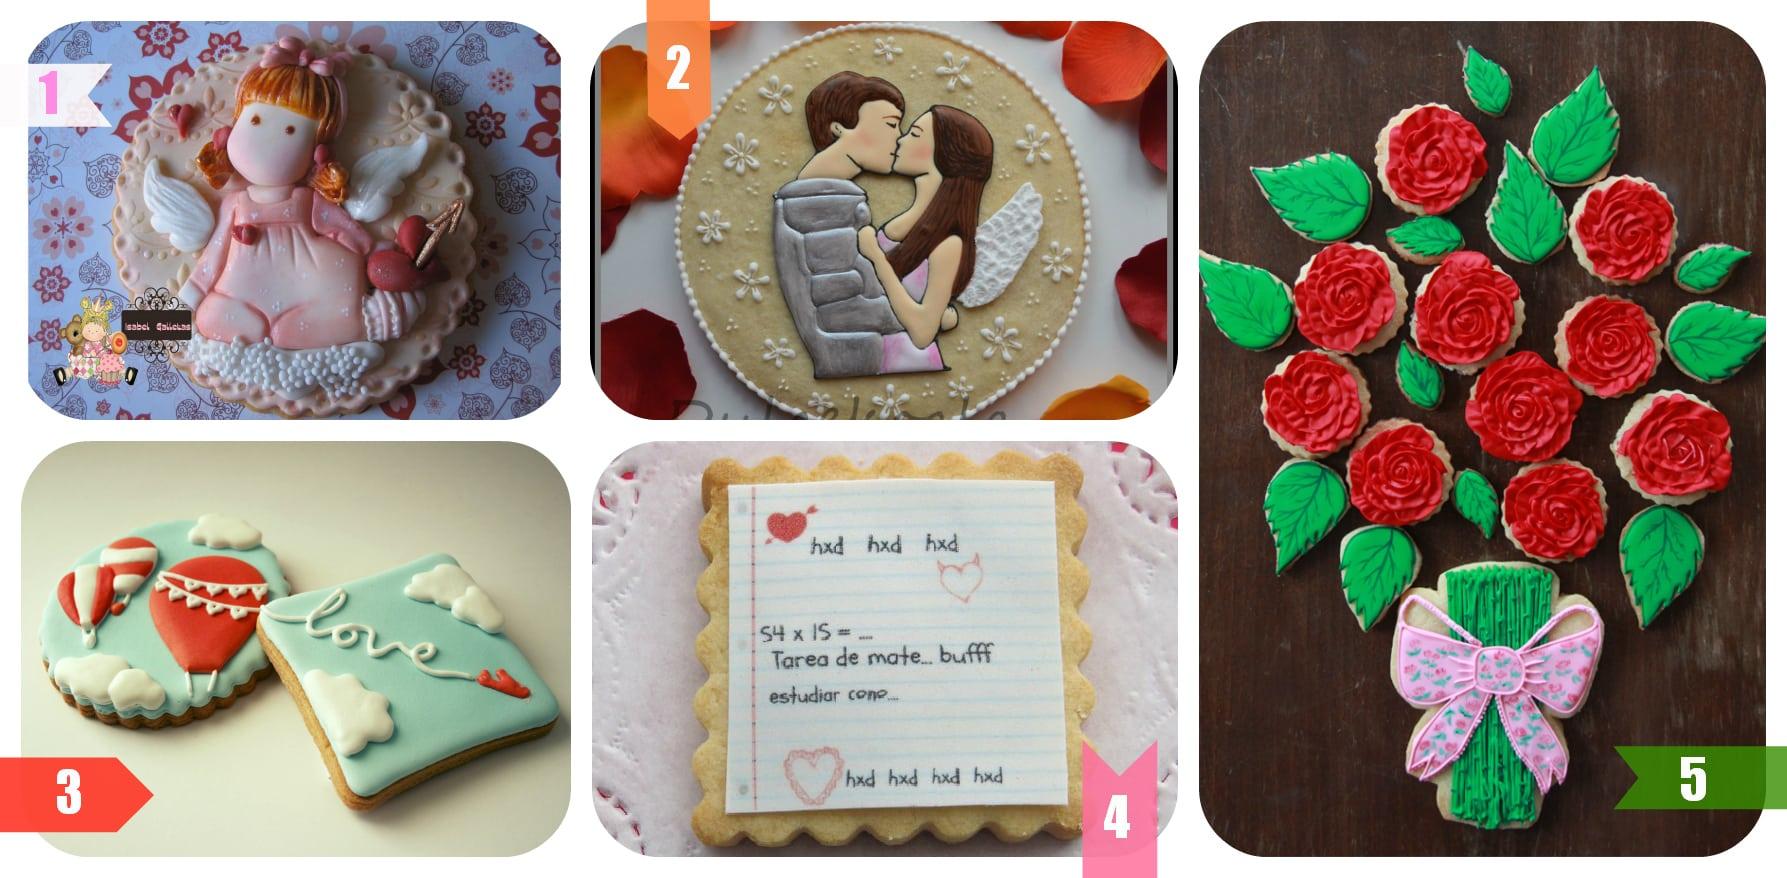 reto st valentin 2